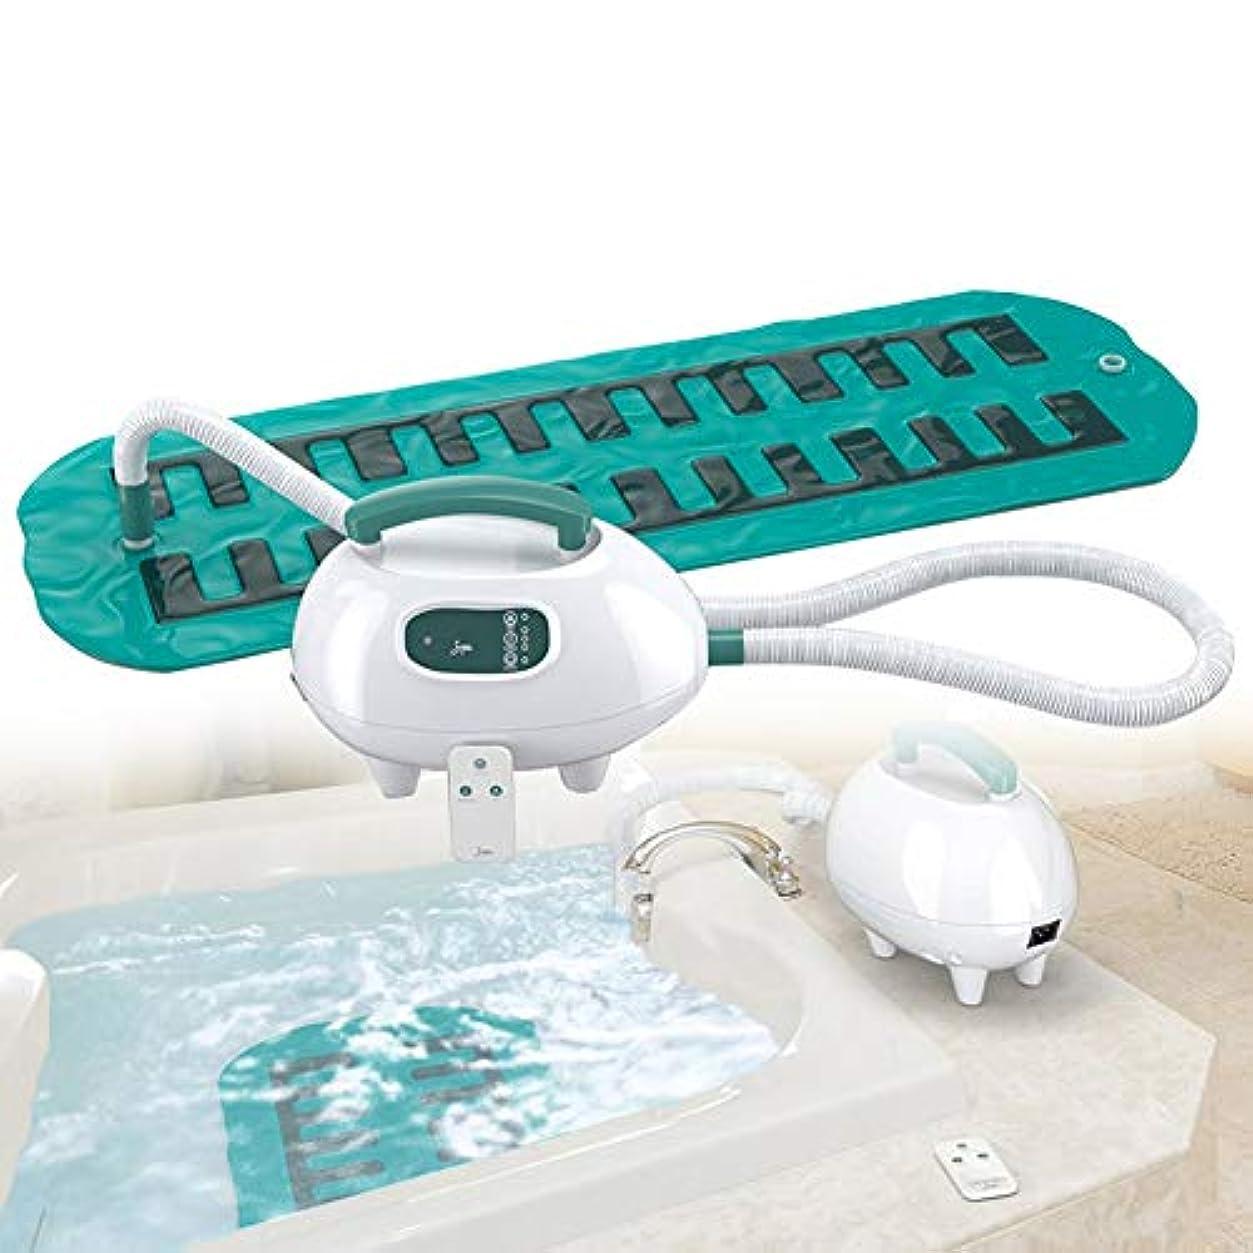 忠誠に対処する個人的に贅沢 スパ バブル 浴 浴槽 マッサージ師、 ポータブル スパ 空気 浴槽 防水 滑り止め マット にとって くつろぐ マッサージ 体 と 熱 強力な 3 速度 リモコン & サクションカップ 底